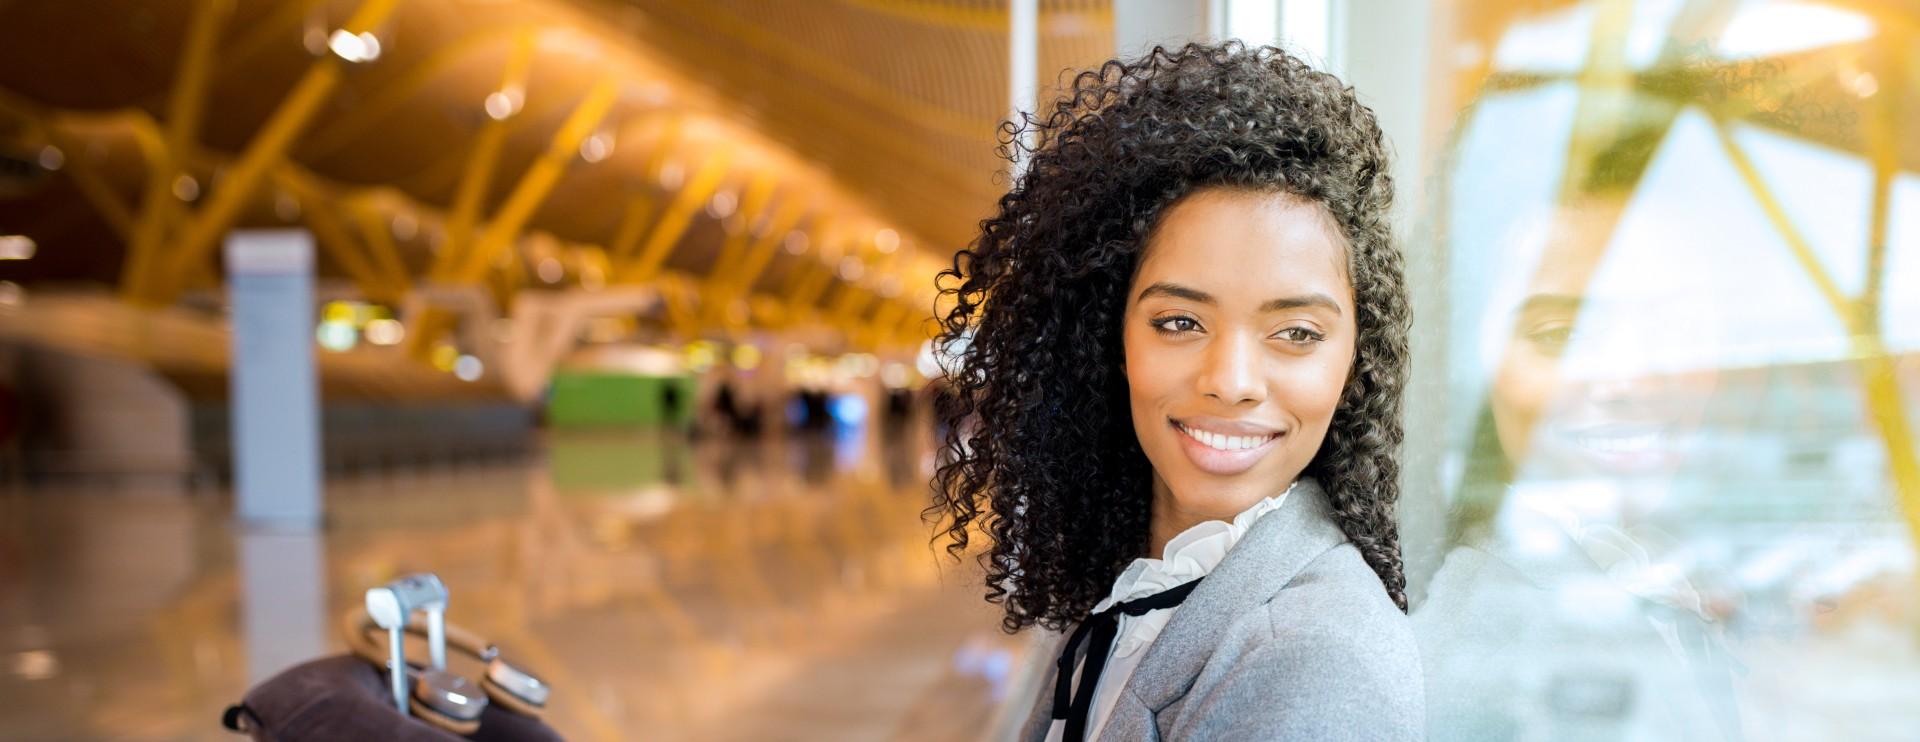 Geschäftsfrau wartet mit ihrem Koffer am Flughafen